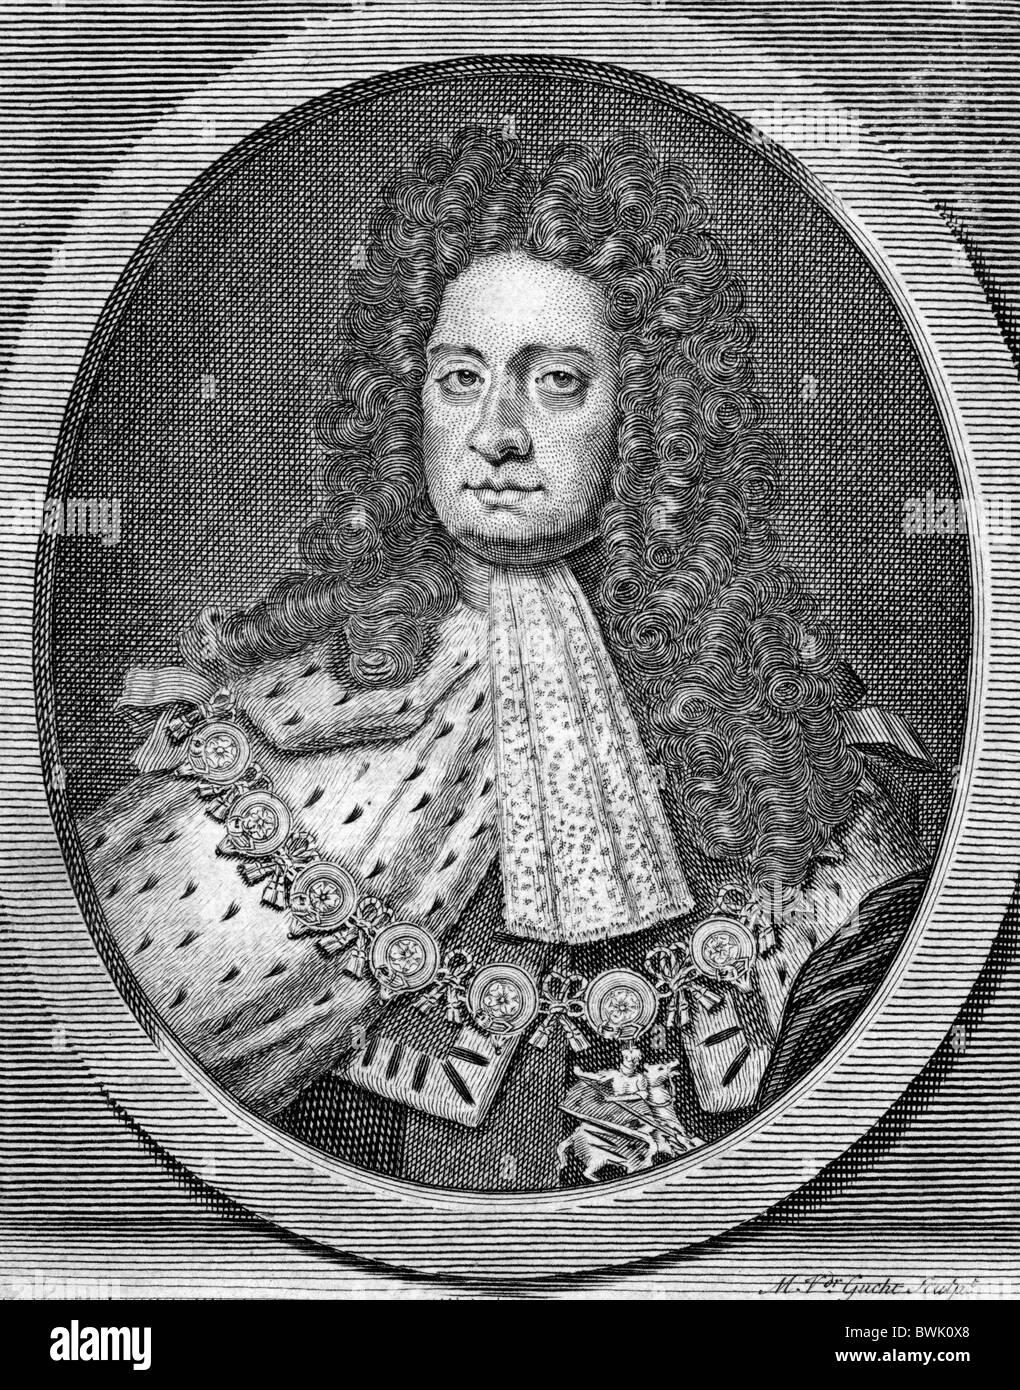 King George II of England 1683 - 1760. - Stock Image